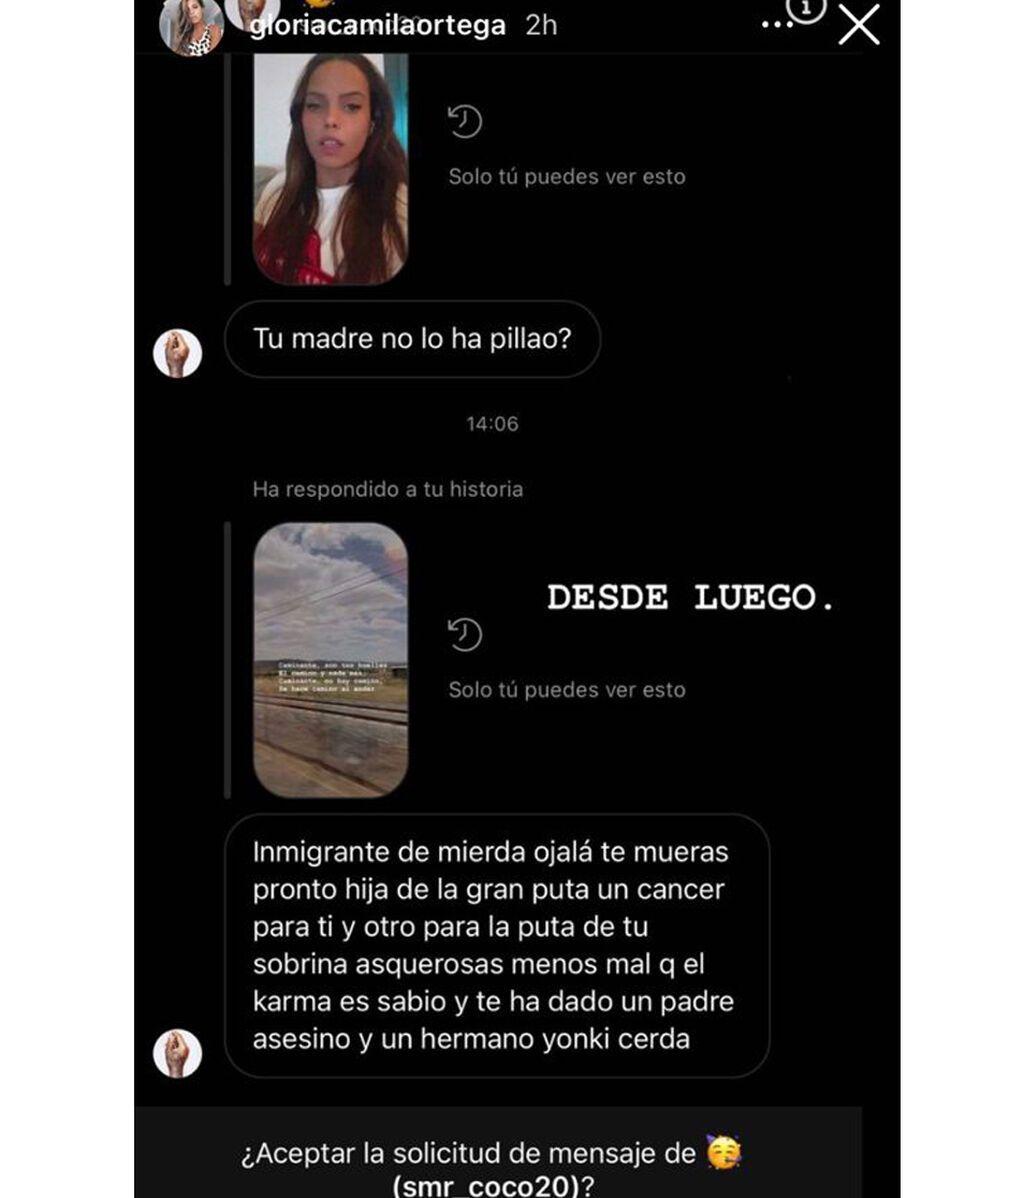 El mensaje por el que Gloria Camila ha acudido a la comisaría